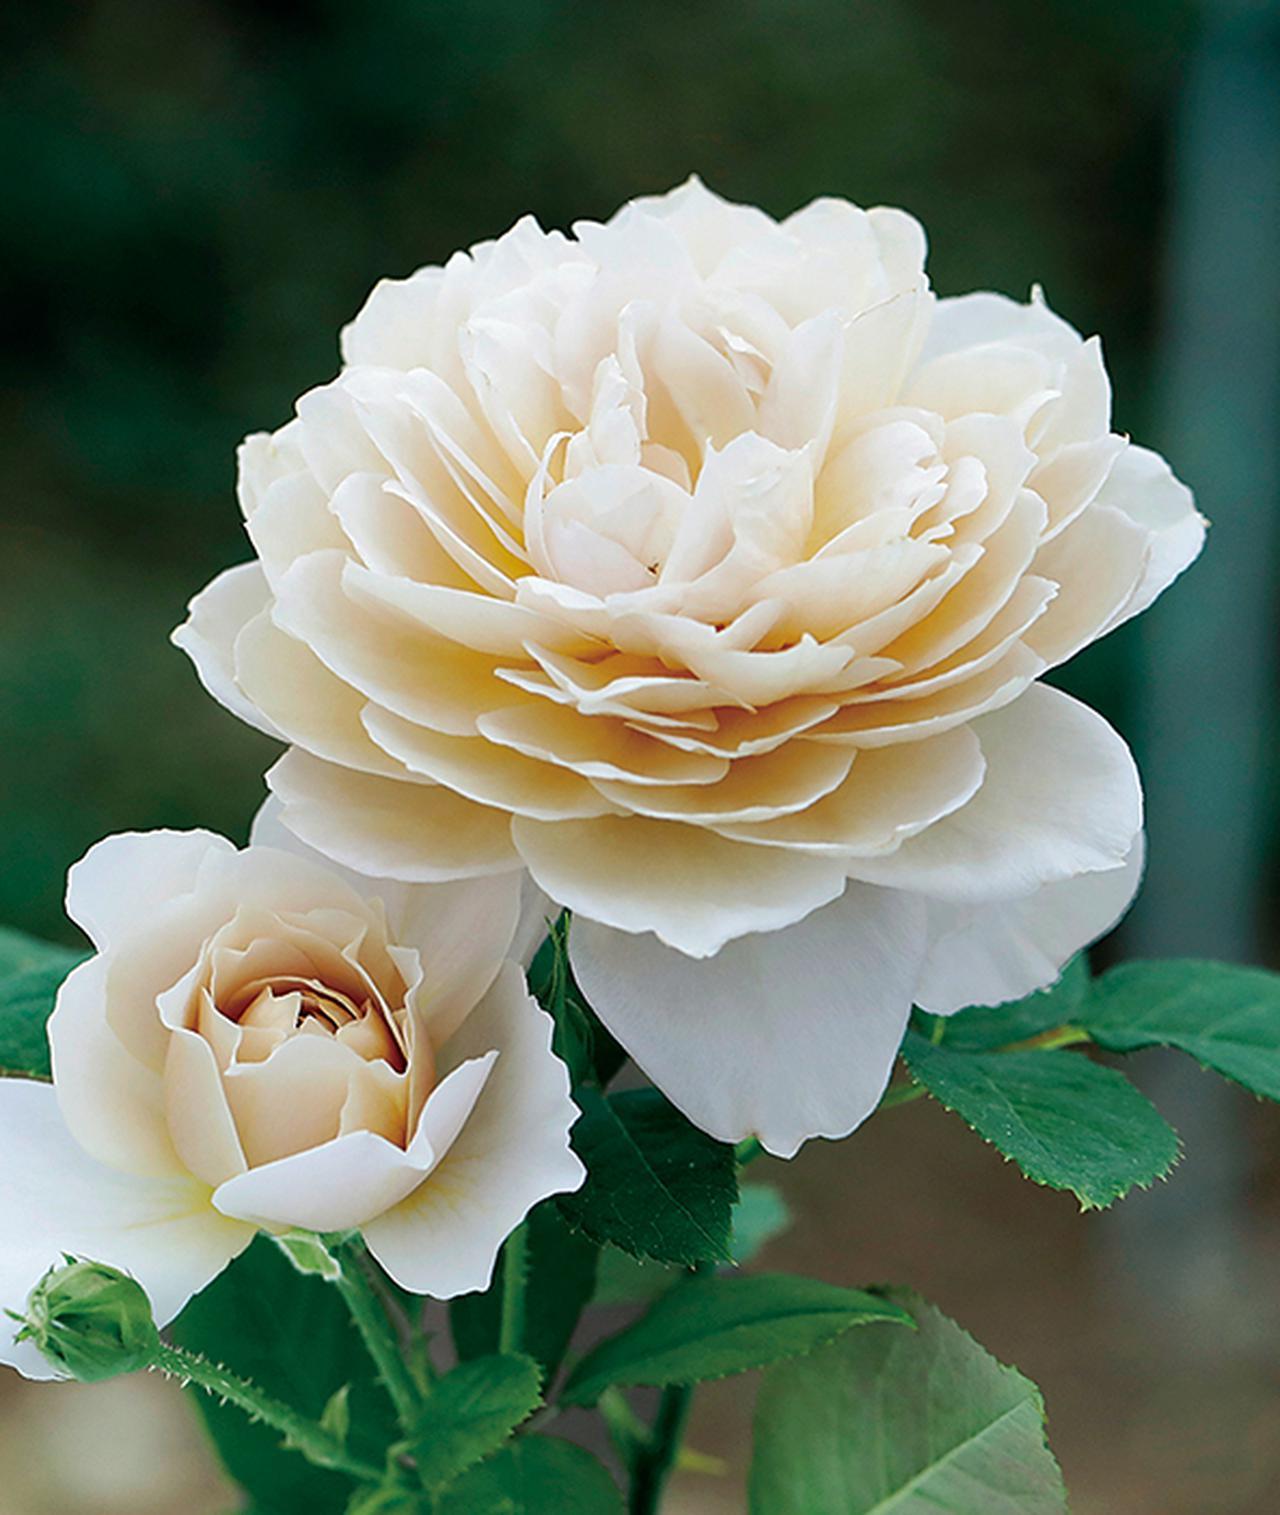 Images : 6番目の画像 - 「Rose Farm KEIJIが 生み出す唯一無二の「和ばら」。 その名前にこめられた想いを紐とく」のアルバム - T JAPAN:The New York Times Style Magazine 公式サイト